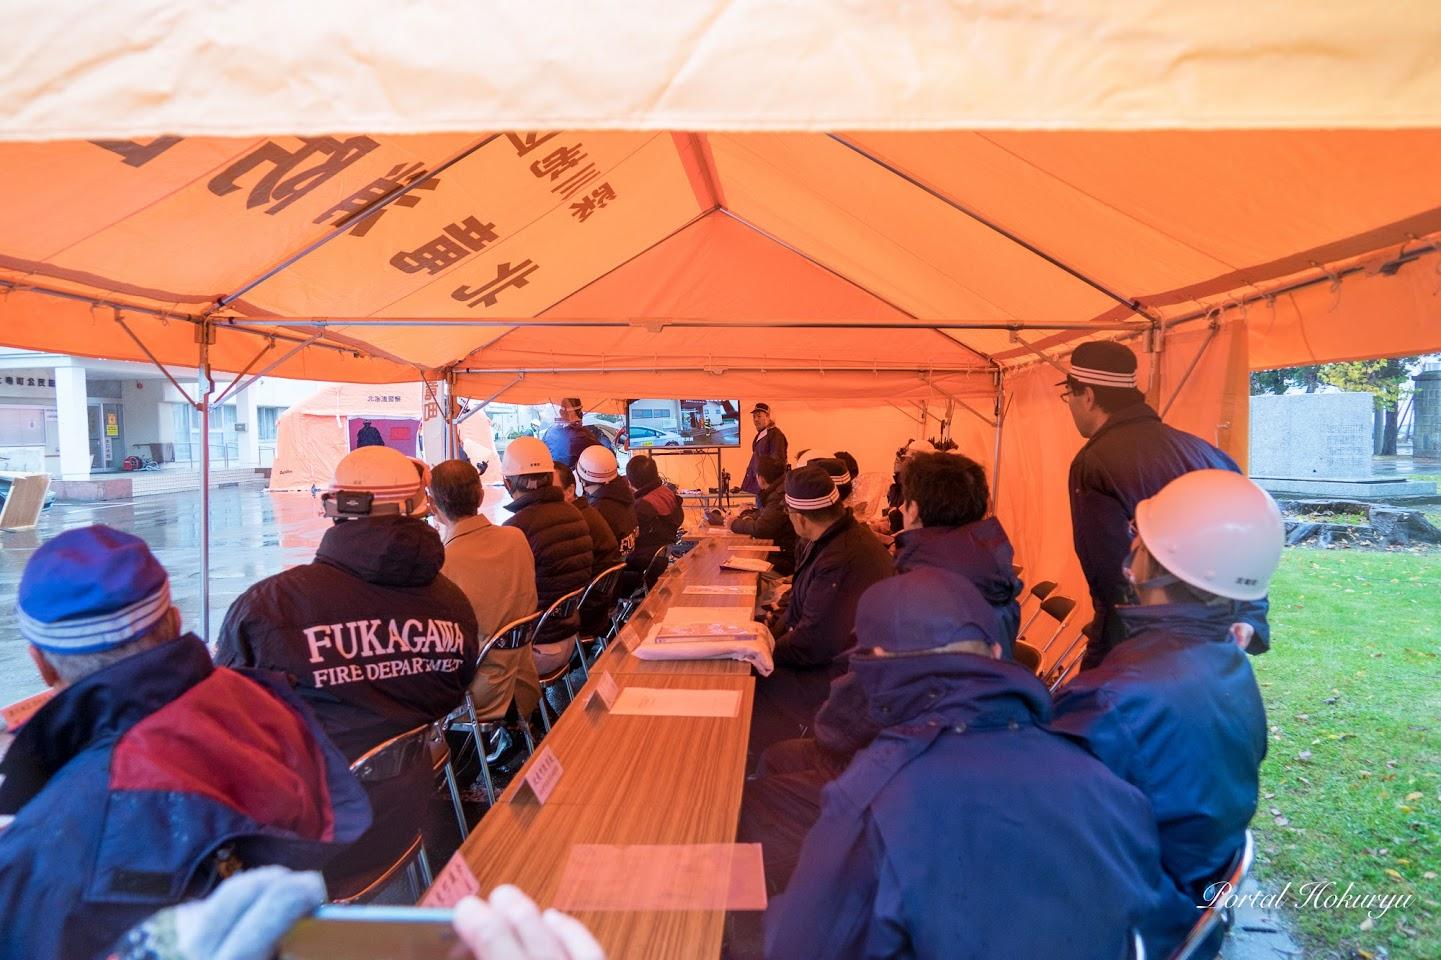 避難所「西川コミュニティーセンター」の様子を災害対策本部でライブ中継